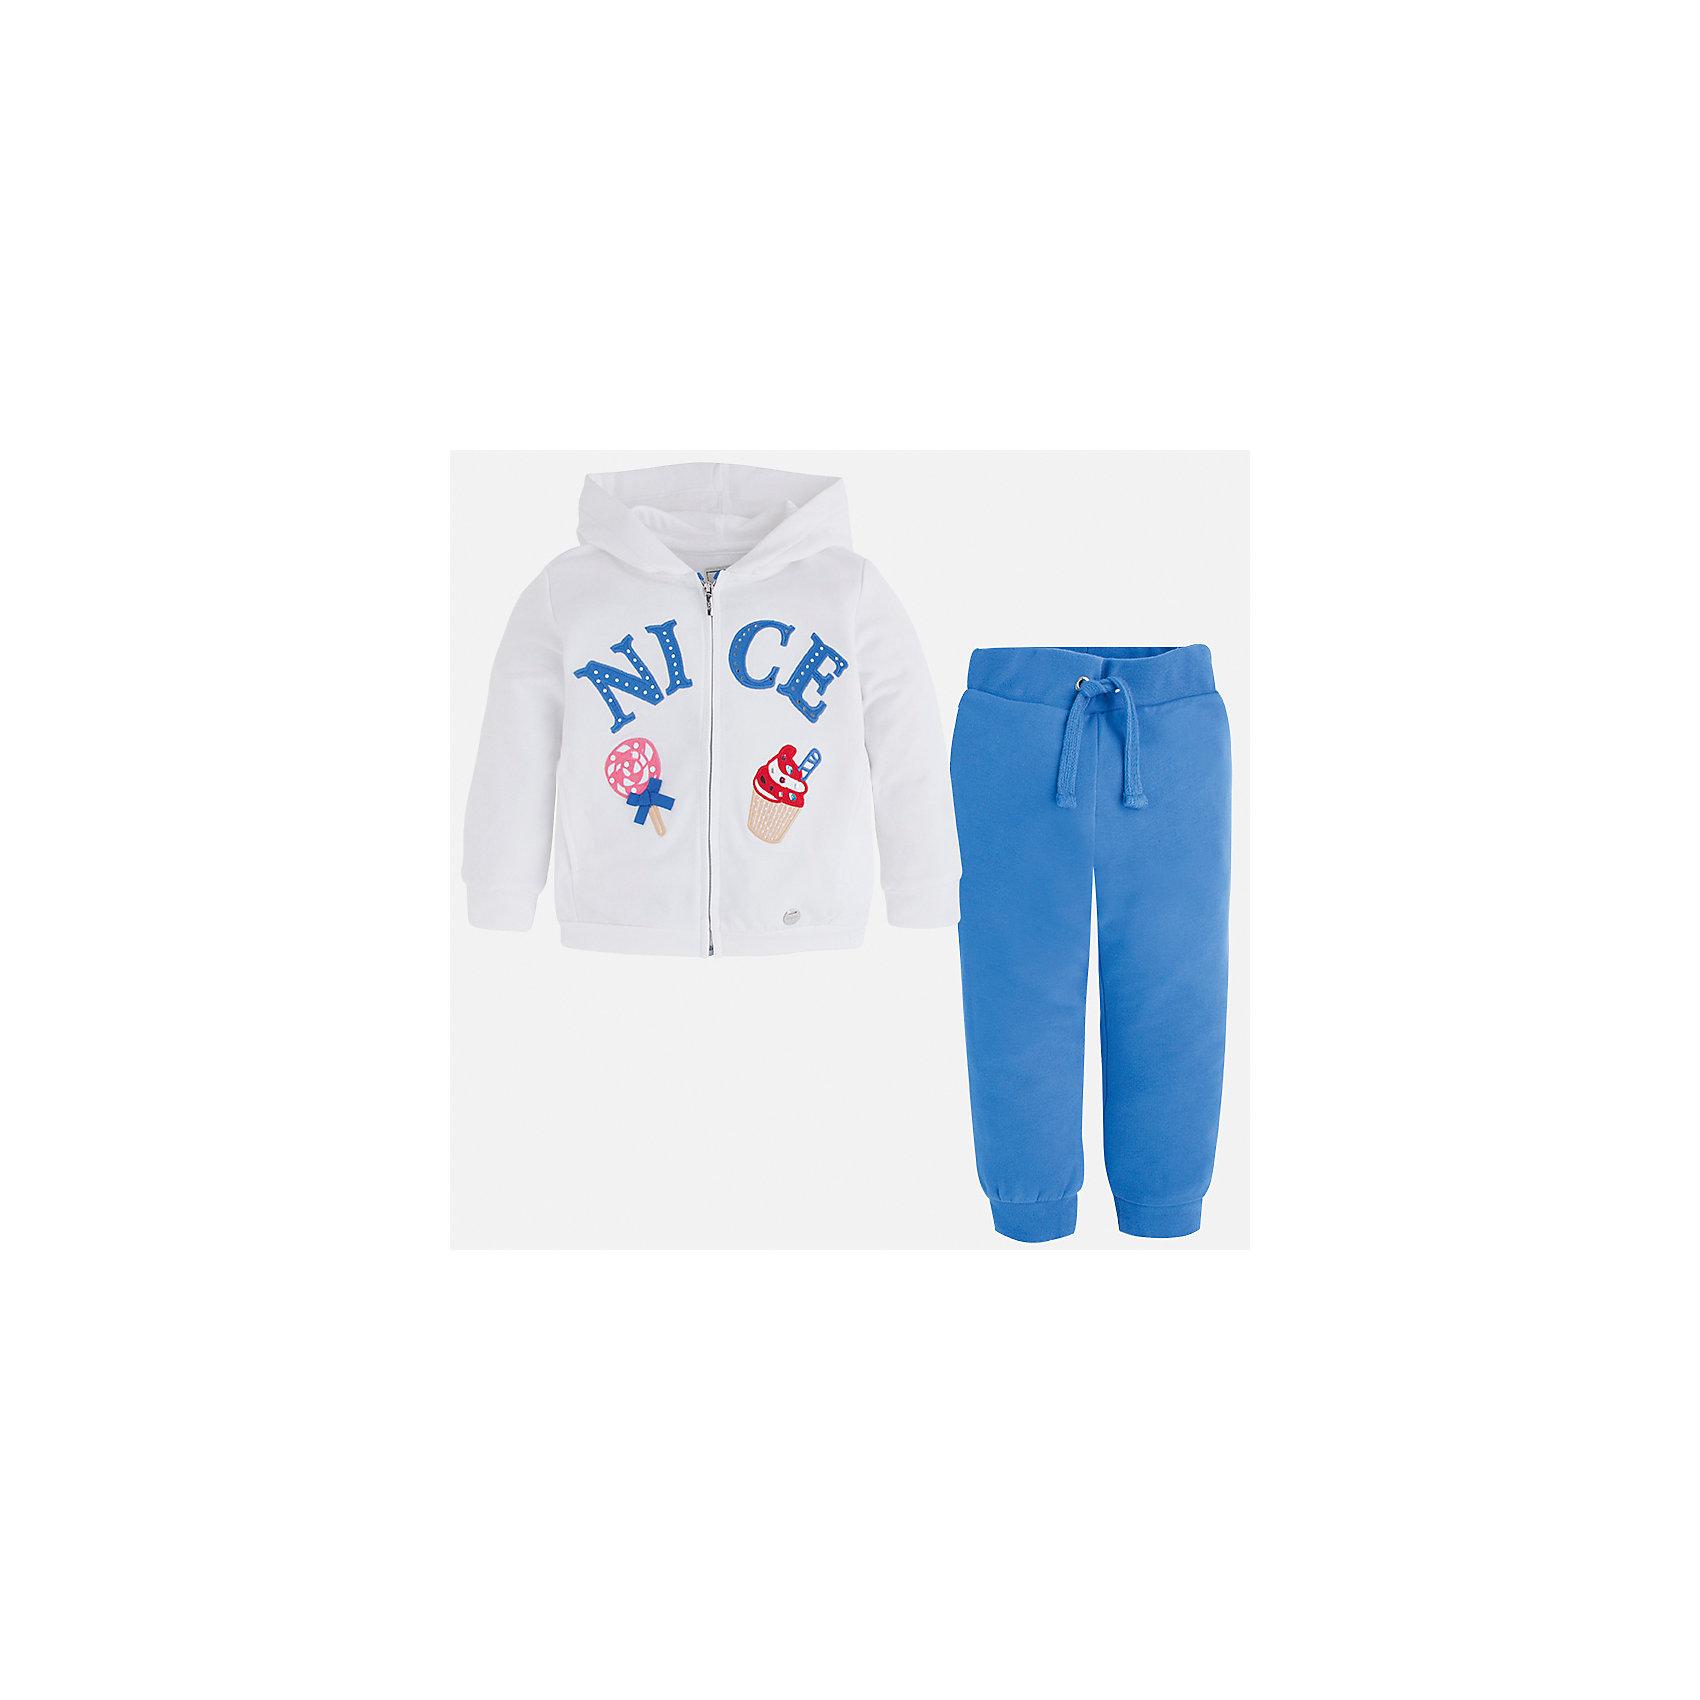 Спортивный костюм для девочки MayoralКомплекты<br>Характеристики товара:<br><br>• цвет: белый/синий<br>• состав: 58% хлопок, 39% полиэстер, 3% эластан<br>• комплектация: курточка, штаны<br>• куртка декорирована принтом<br>• карманы<br>• капюшон<br>• штаны однотонные<br>• пояс на шнурке<br>• манжеты<br>• страна бренда: Испания<br><br>Стильный качественный спортивный костюм для девочки поможет разнообразить гардероб ребенка и удобно одеться в теплую погоду. Курточка и штаны отлично сочетаются с другими предметами. Универсальный цвет позволяет подобрать к вещам верхнюю одежду практически любой расцветки. Интересная отделка модели делает её нарядной и оригинальной. В составе материала - натуральный хлопок, гипоаллергенный, приятный на ощупь, дышащий.<br><br>Одежда, обувь и аксессуары от испанского бренда Mayoral полюбились детям и взрослым по всему миру. Модели этой марки - стильные и удобные. Для их производства используются только безопасные, качественные материалы и фурнитура. Порадуйте ребенка модными и красивыми вещами от Mayoral! <br><br>Спортивный костюм для девочки от испанского бренда Mayoral (Майорал) можно купить в нашем интернет-магазине.<br><br>Ширина мм: 247<br>Глубина мм: 16<br>Высота мм: 140<br>Вес г: 225<br>Цвет: голубой<br>Возраст от месяцев: 18<br>Возраст до месяцев: 24<br>Пол: Женский<br>Возраст: Детский<br>Размер: 92,104,134,122,128,116,110,98<br>SKU: 4071563